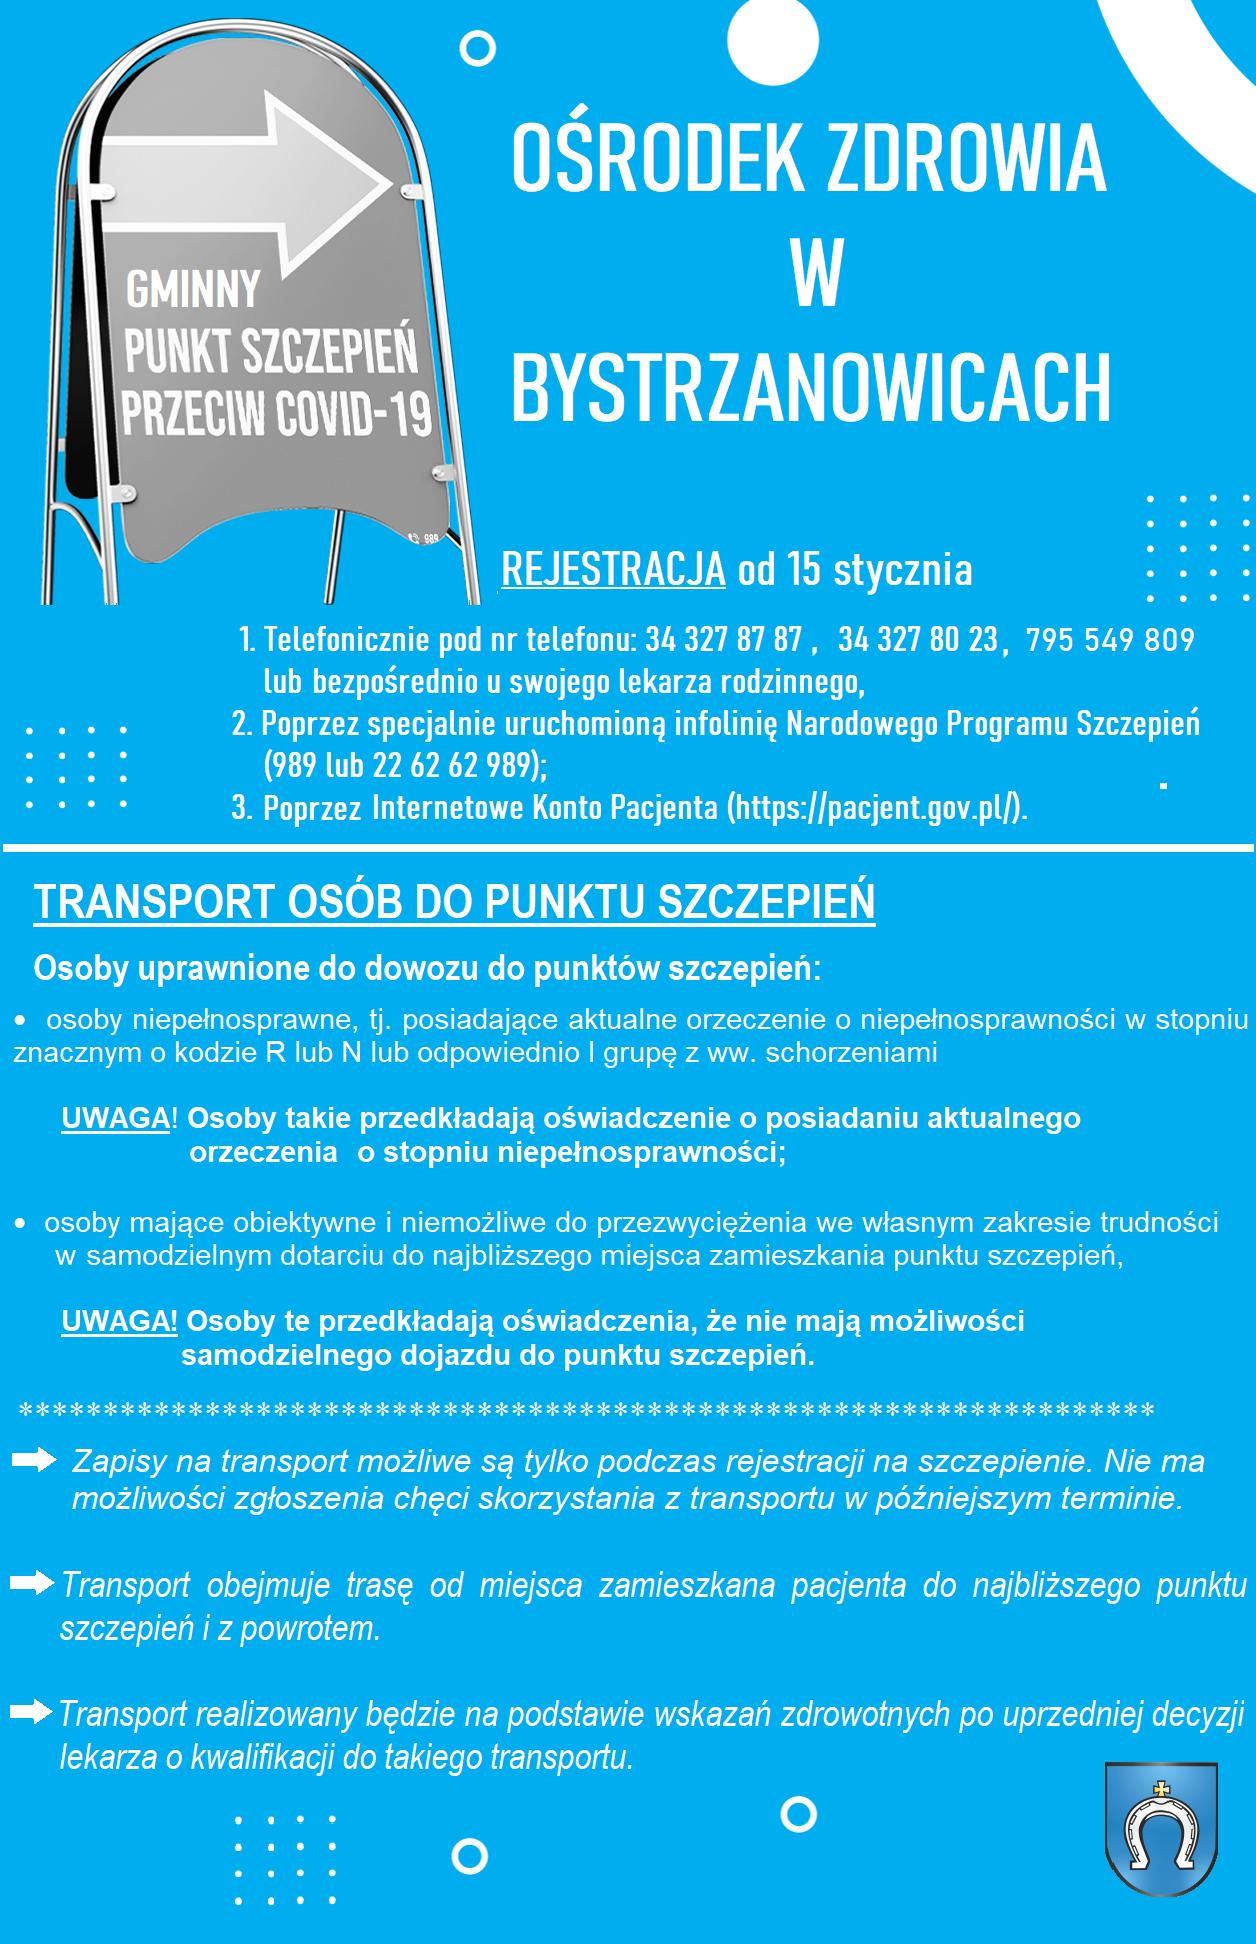 Szczepienie transport info.png